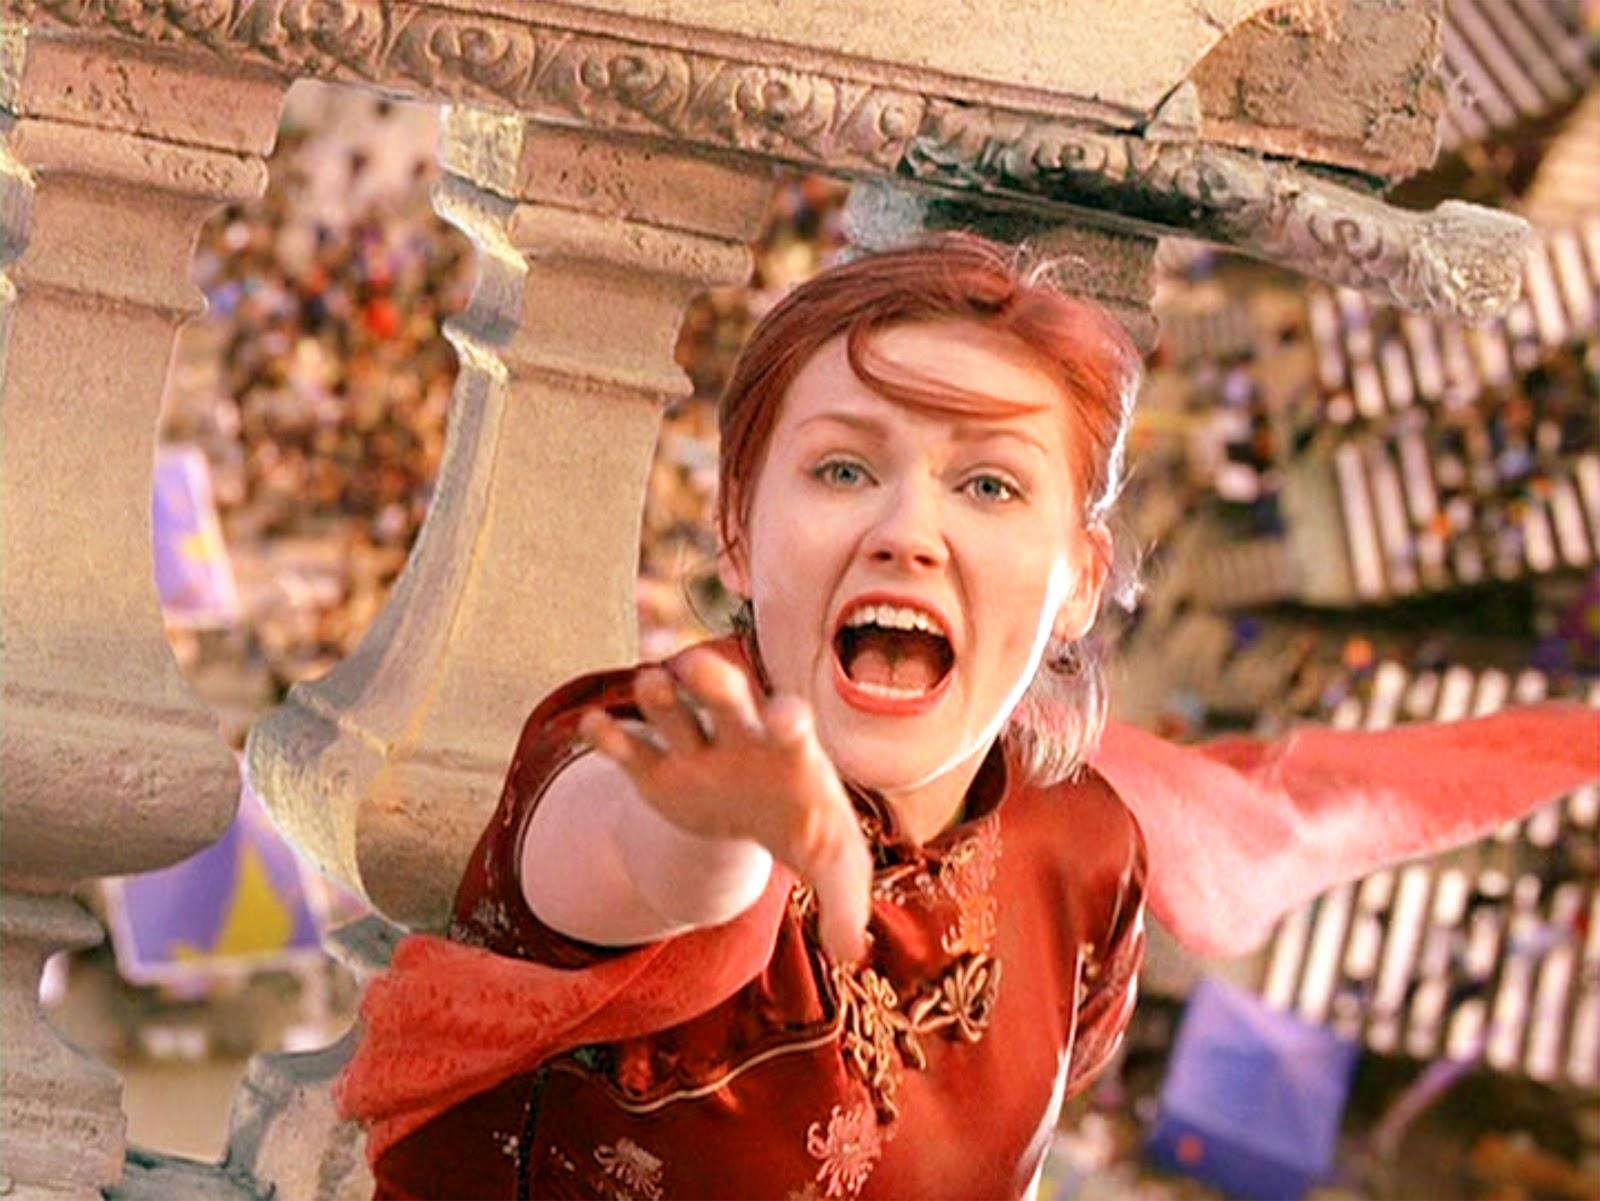 http://3.bp.blogspot.com/-wgKqIGKIJsU/T3dcGoVOjJI/AAAAAAAAaS8/ZhUBDVrHDSs/s1600/Spider-Man_302Pyxurz.jpg